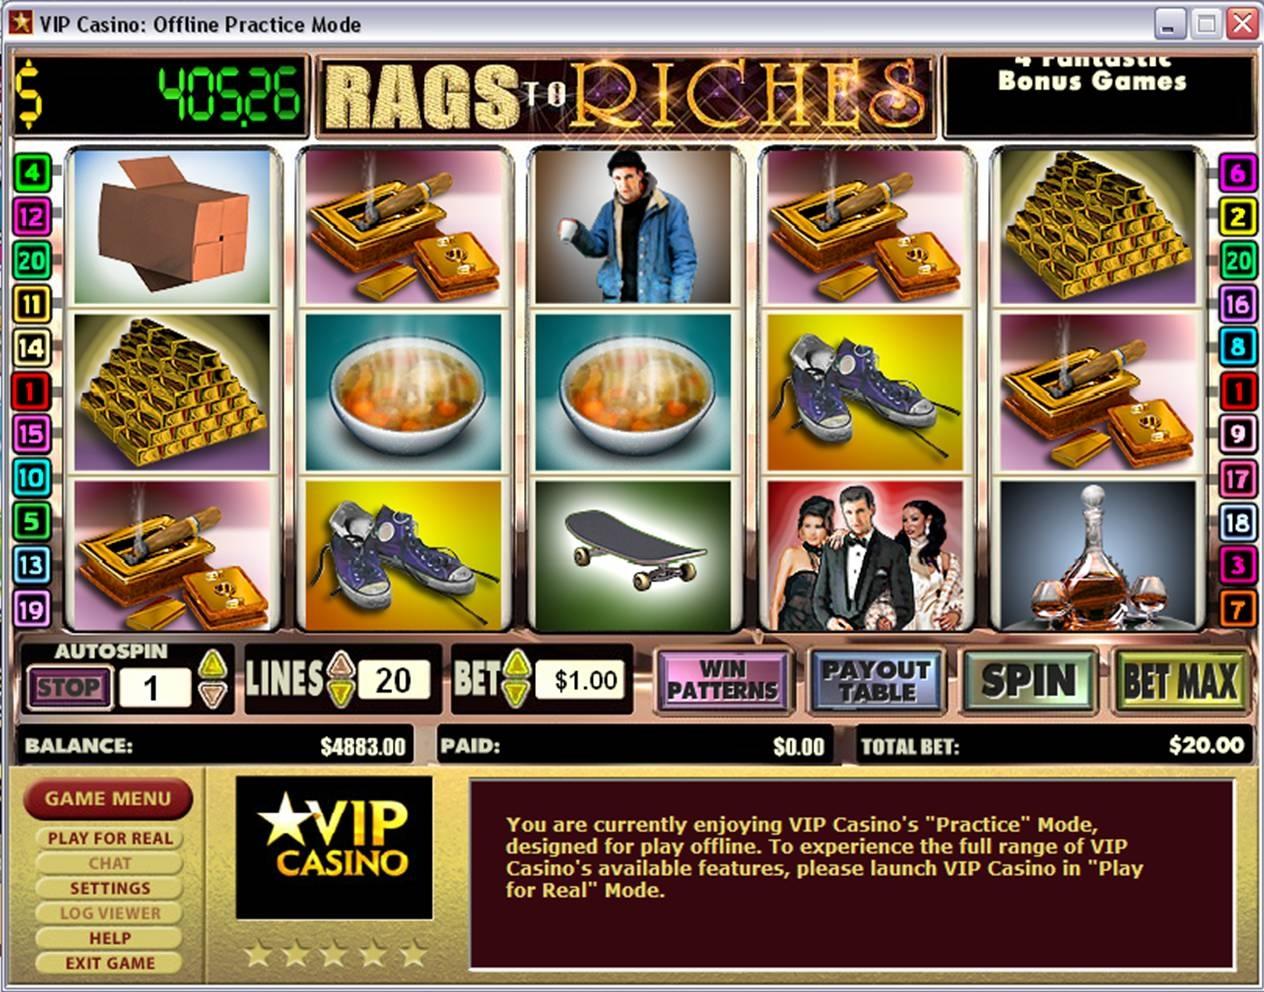 € Tournoi 845 Casino chez Betwinner